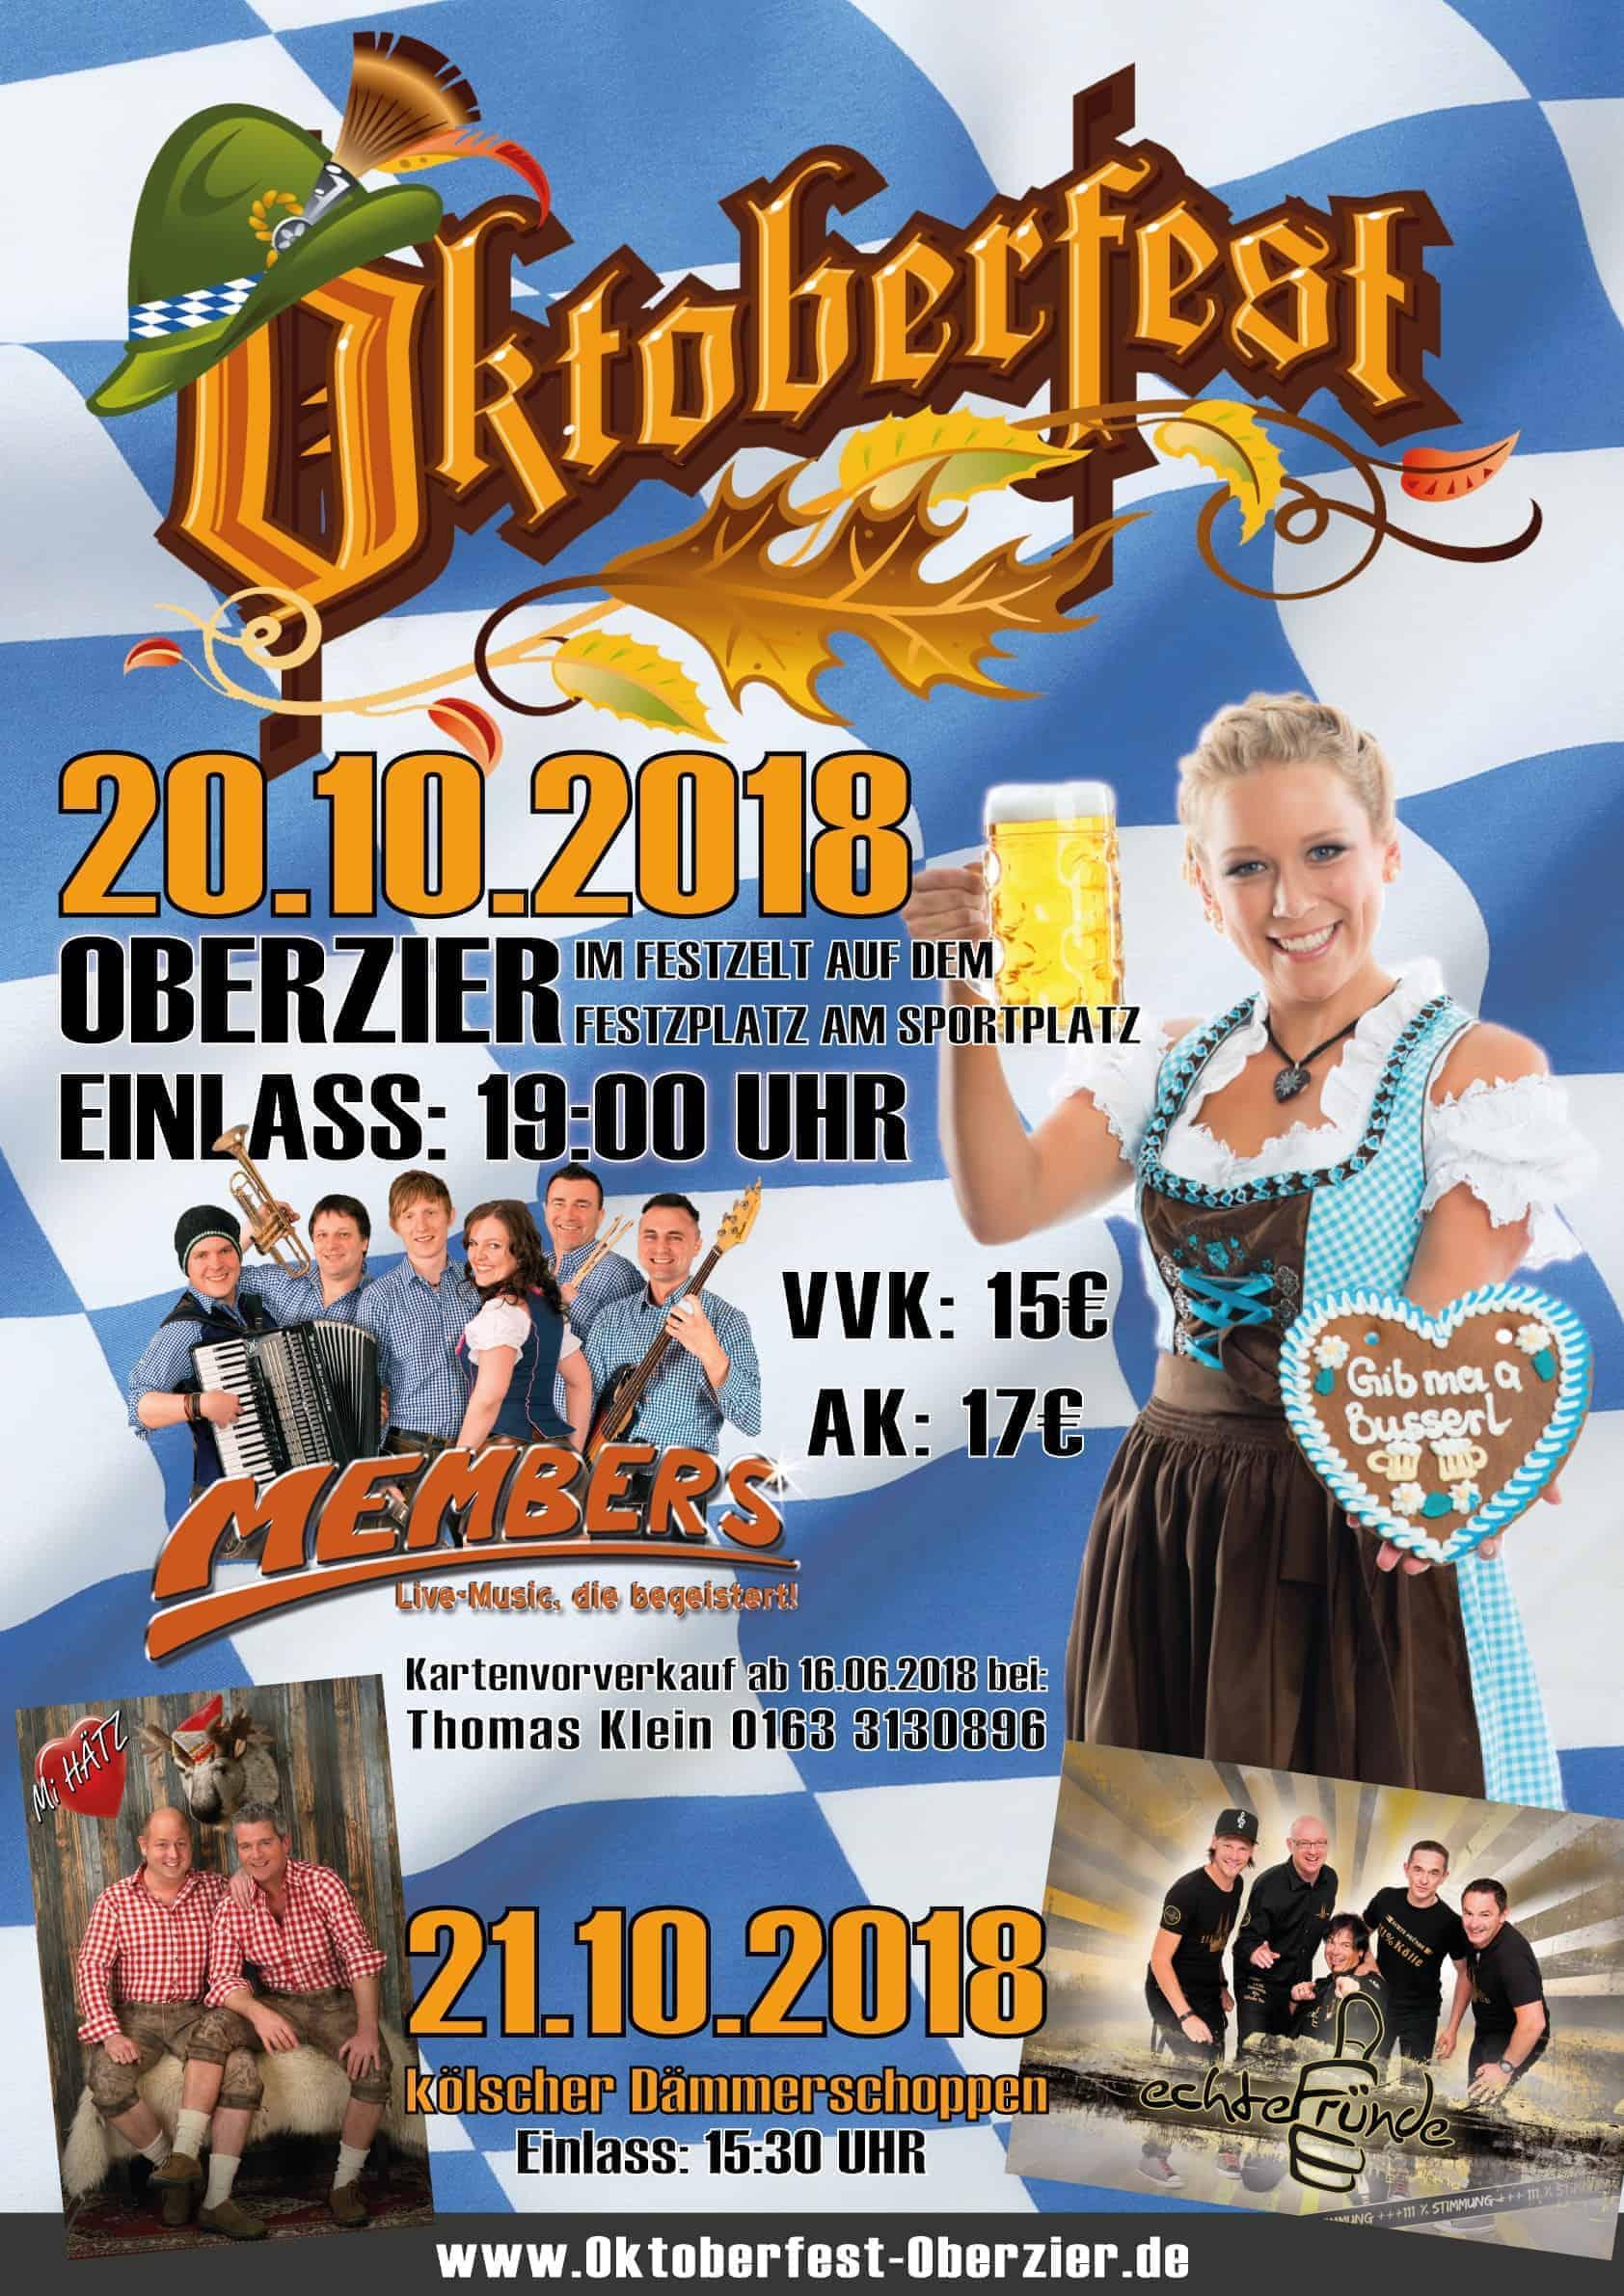 Plakat Oktoberfest 2018